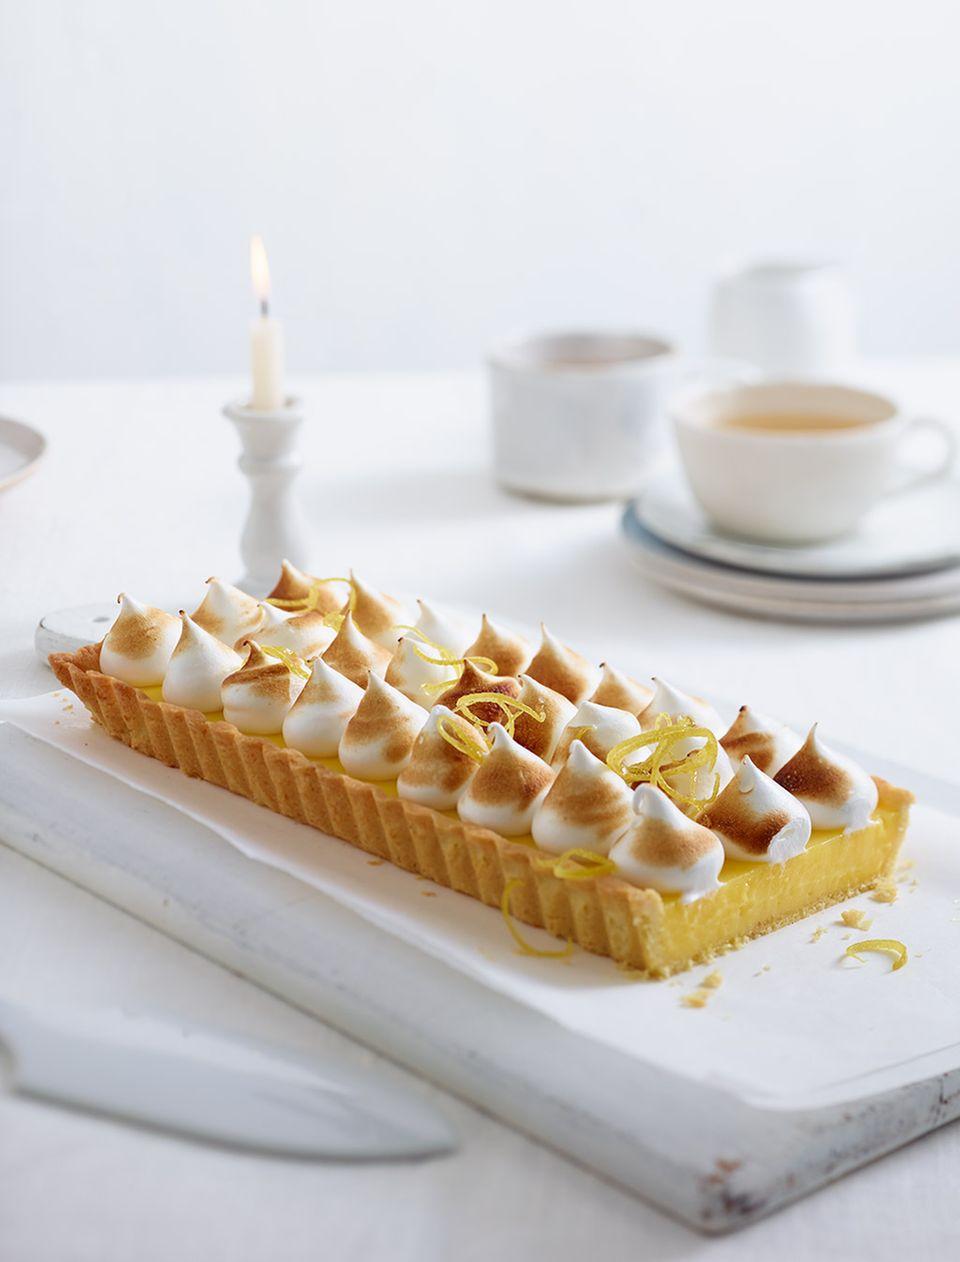 Auch die Süßen lieben Ei: im Kuchenteig, der Creme und der Baiserhaube der Tarte au citron